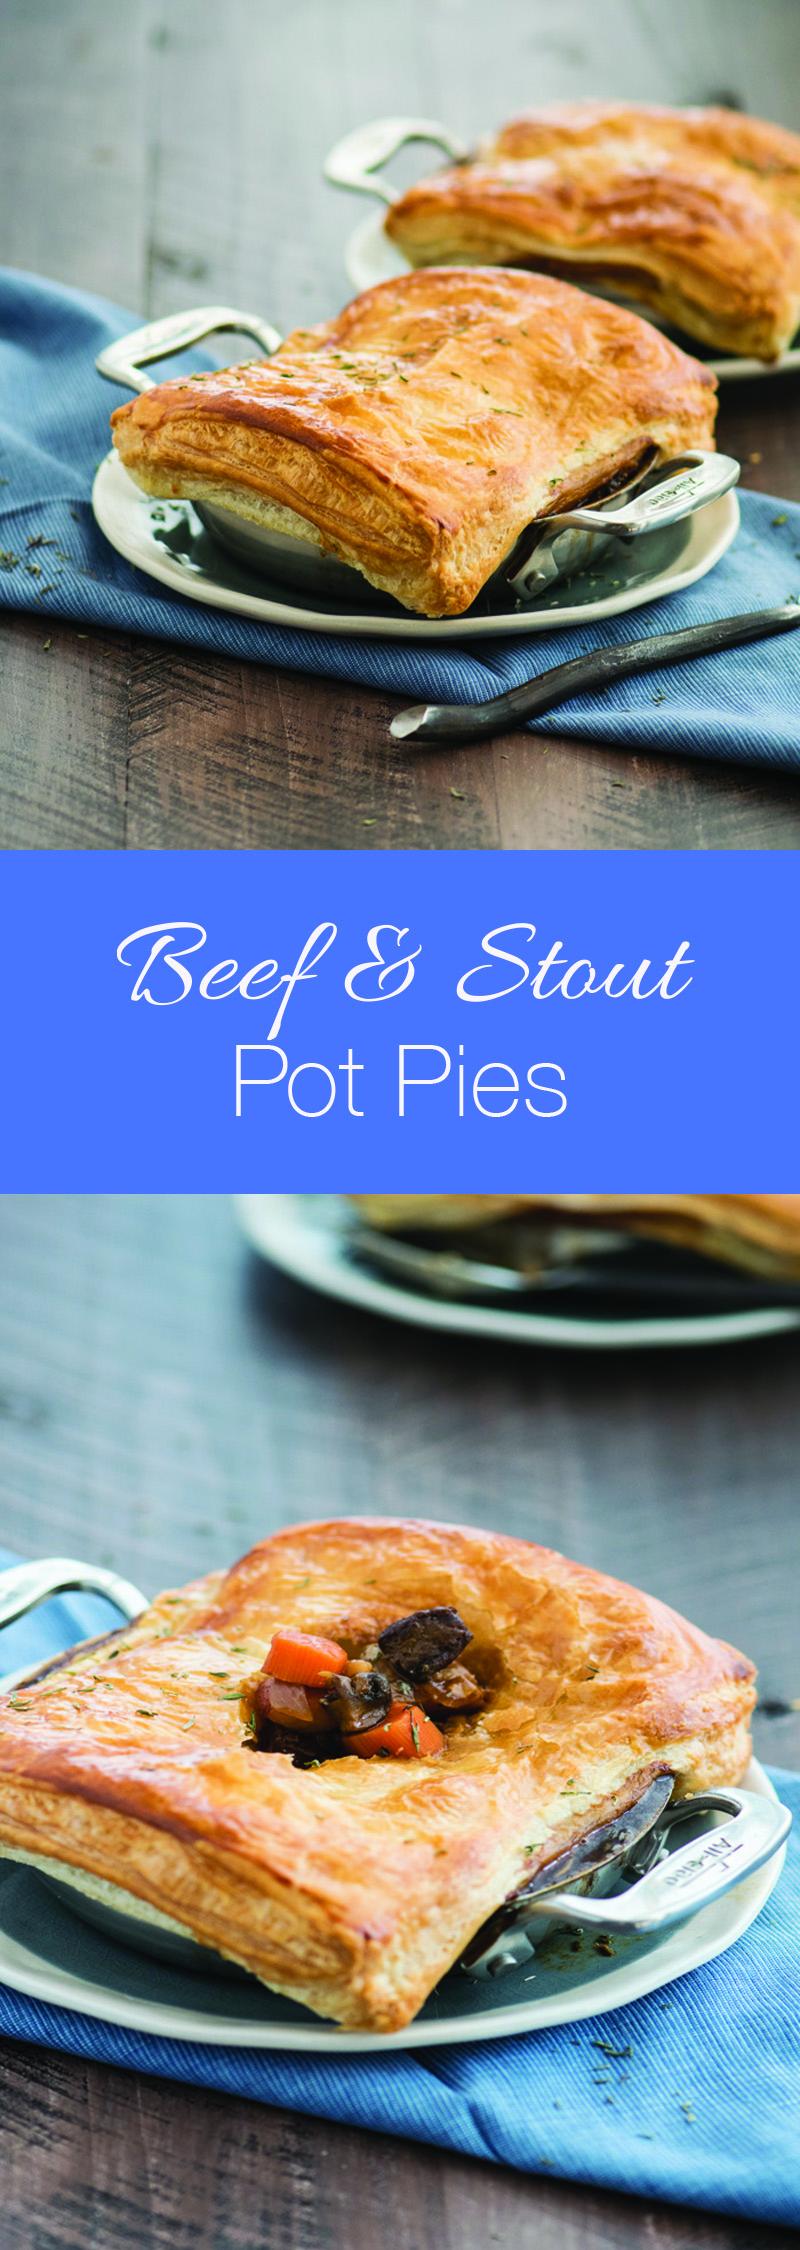 Beef & Stout Pot Pies